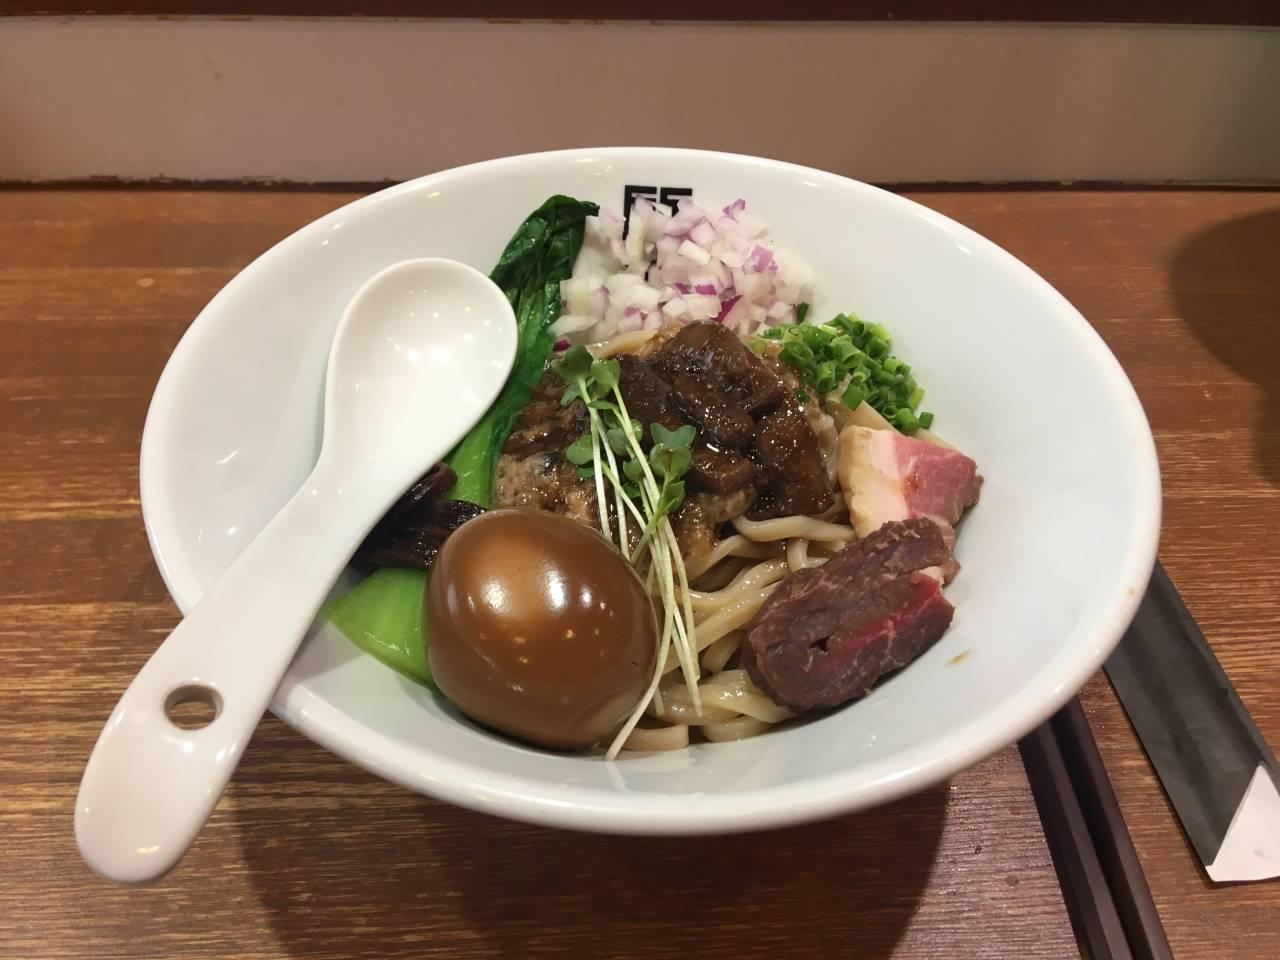 サンマとイカのまぜそばの写真竹末東京プレミアム